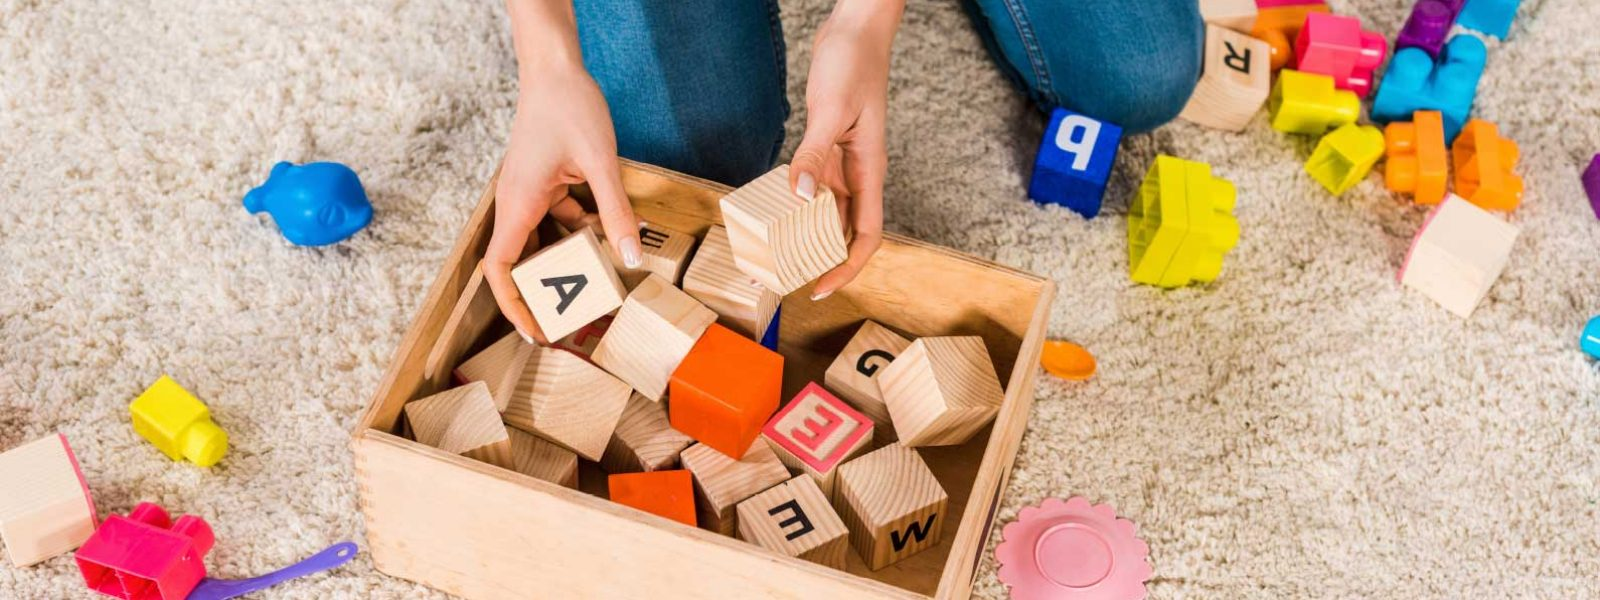 סדנאות - משחקים בקוביות